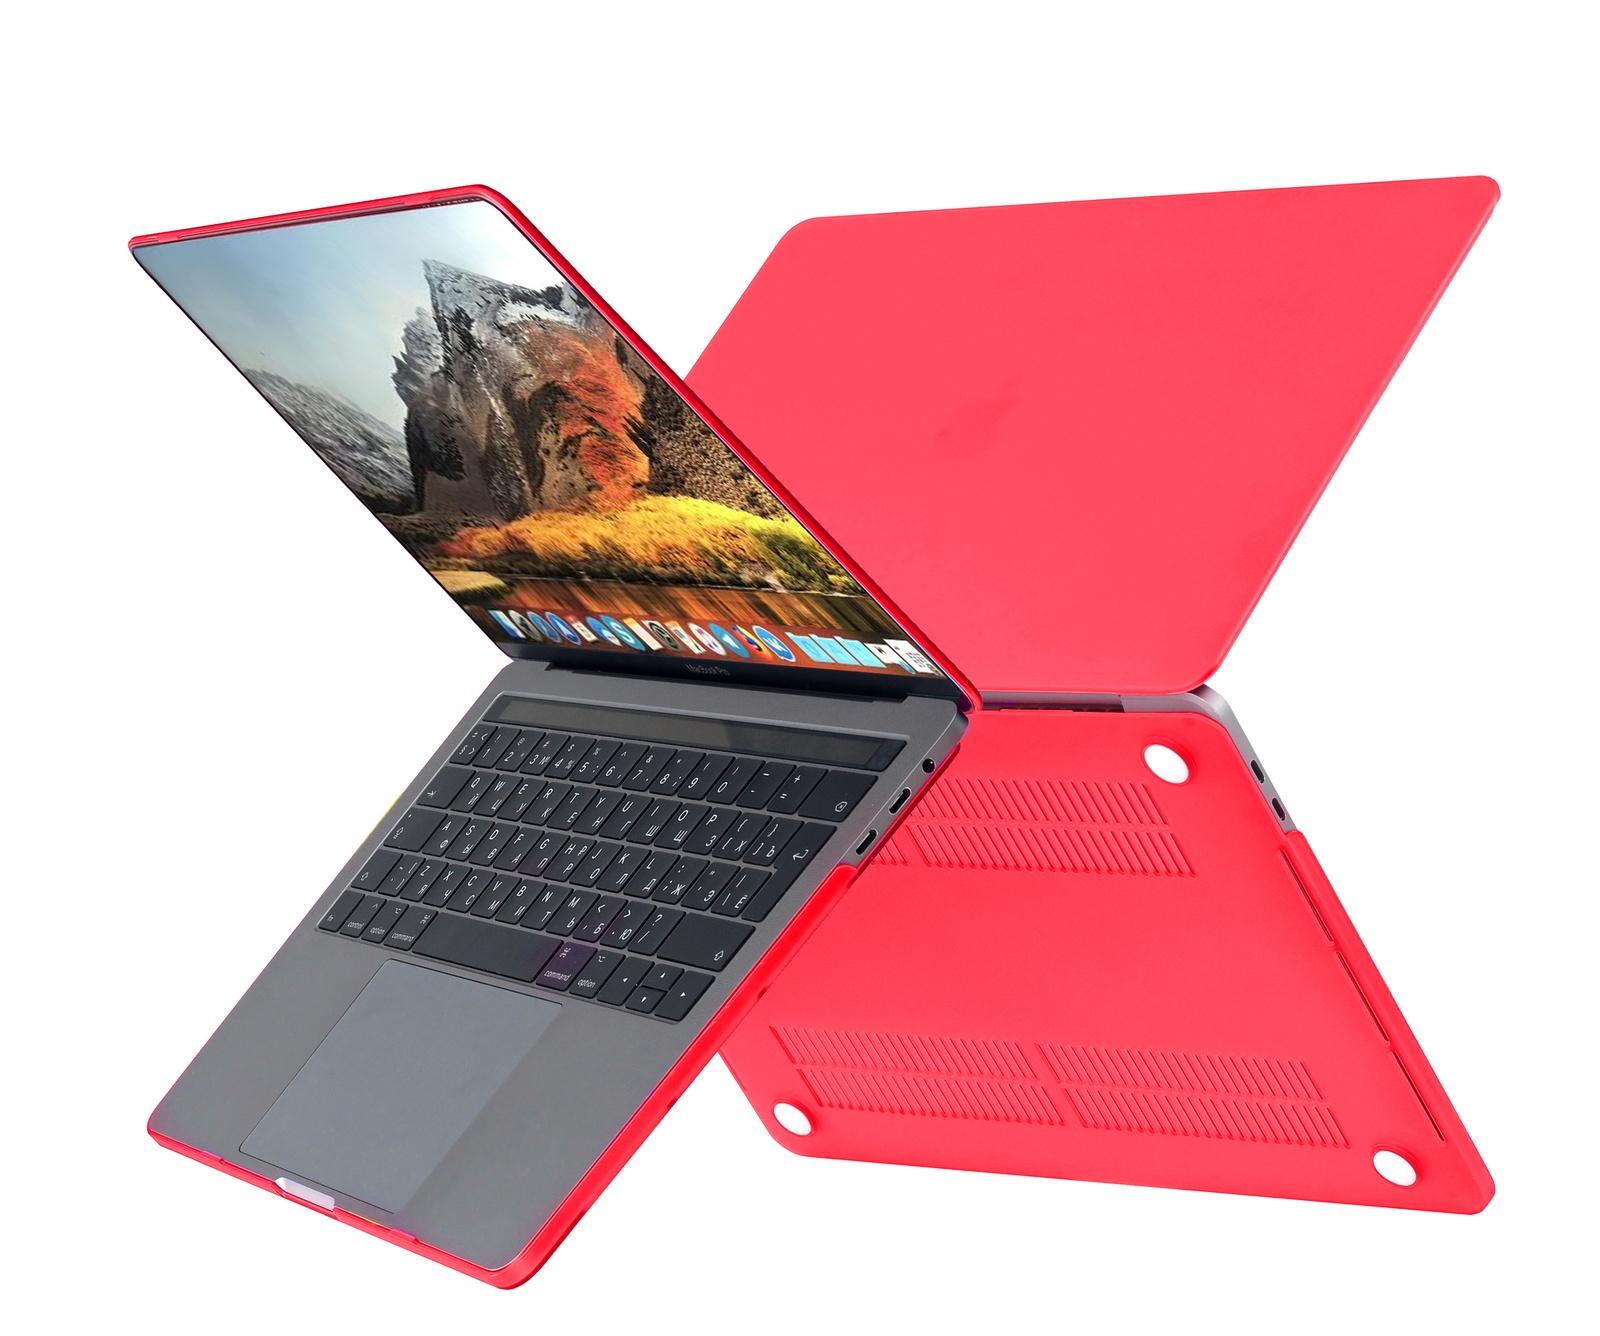 цена на Чехол HardShell Case для Macbook Pro 15 Retina, красный